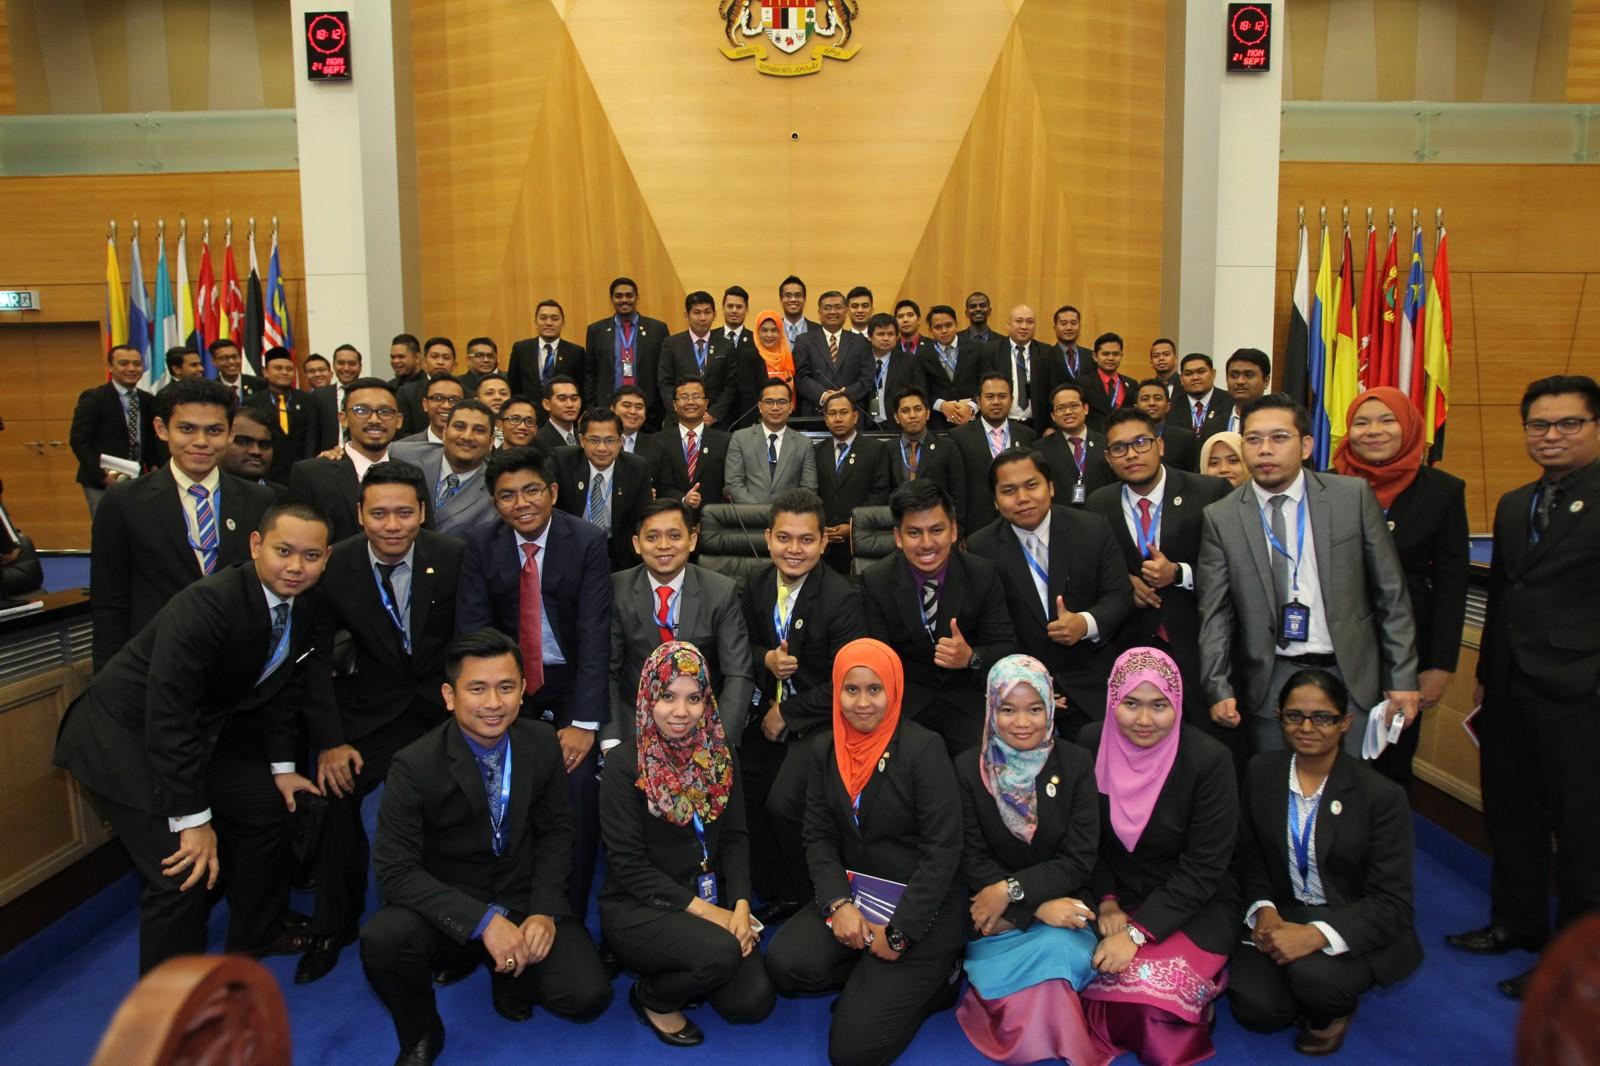 PERSIDANGAN PARLIMEN BELIA MALAYSIA (PBM) SIDANG III